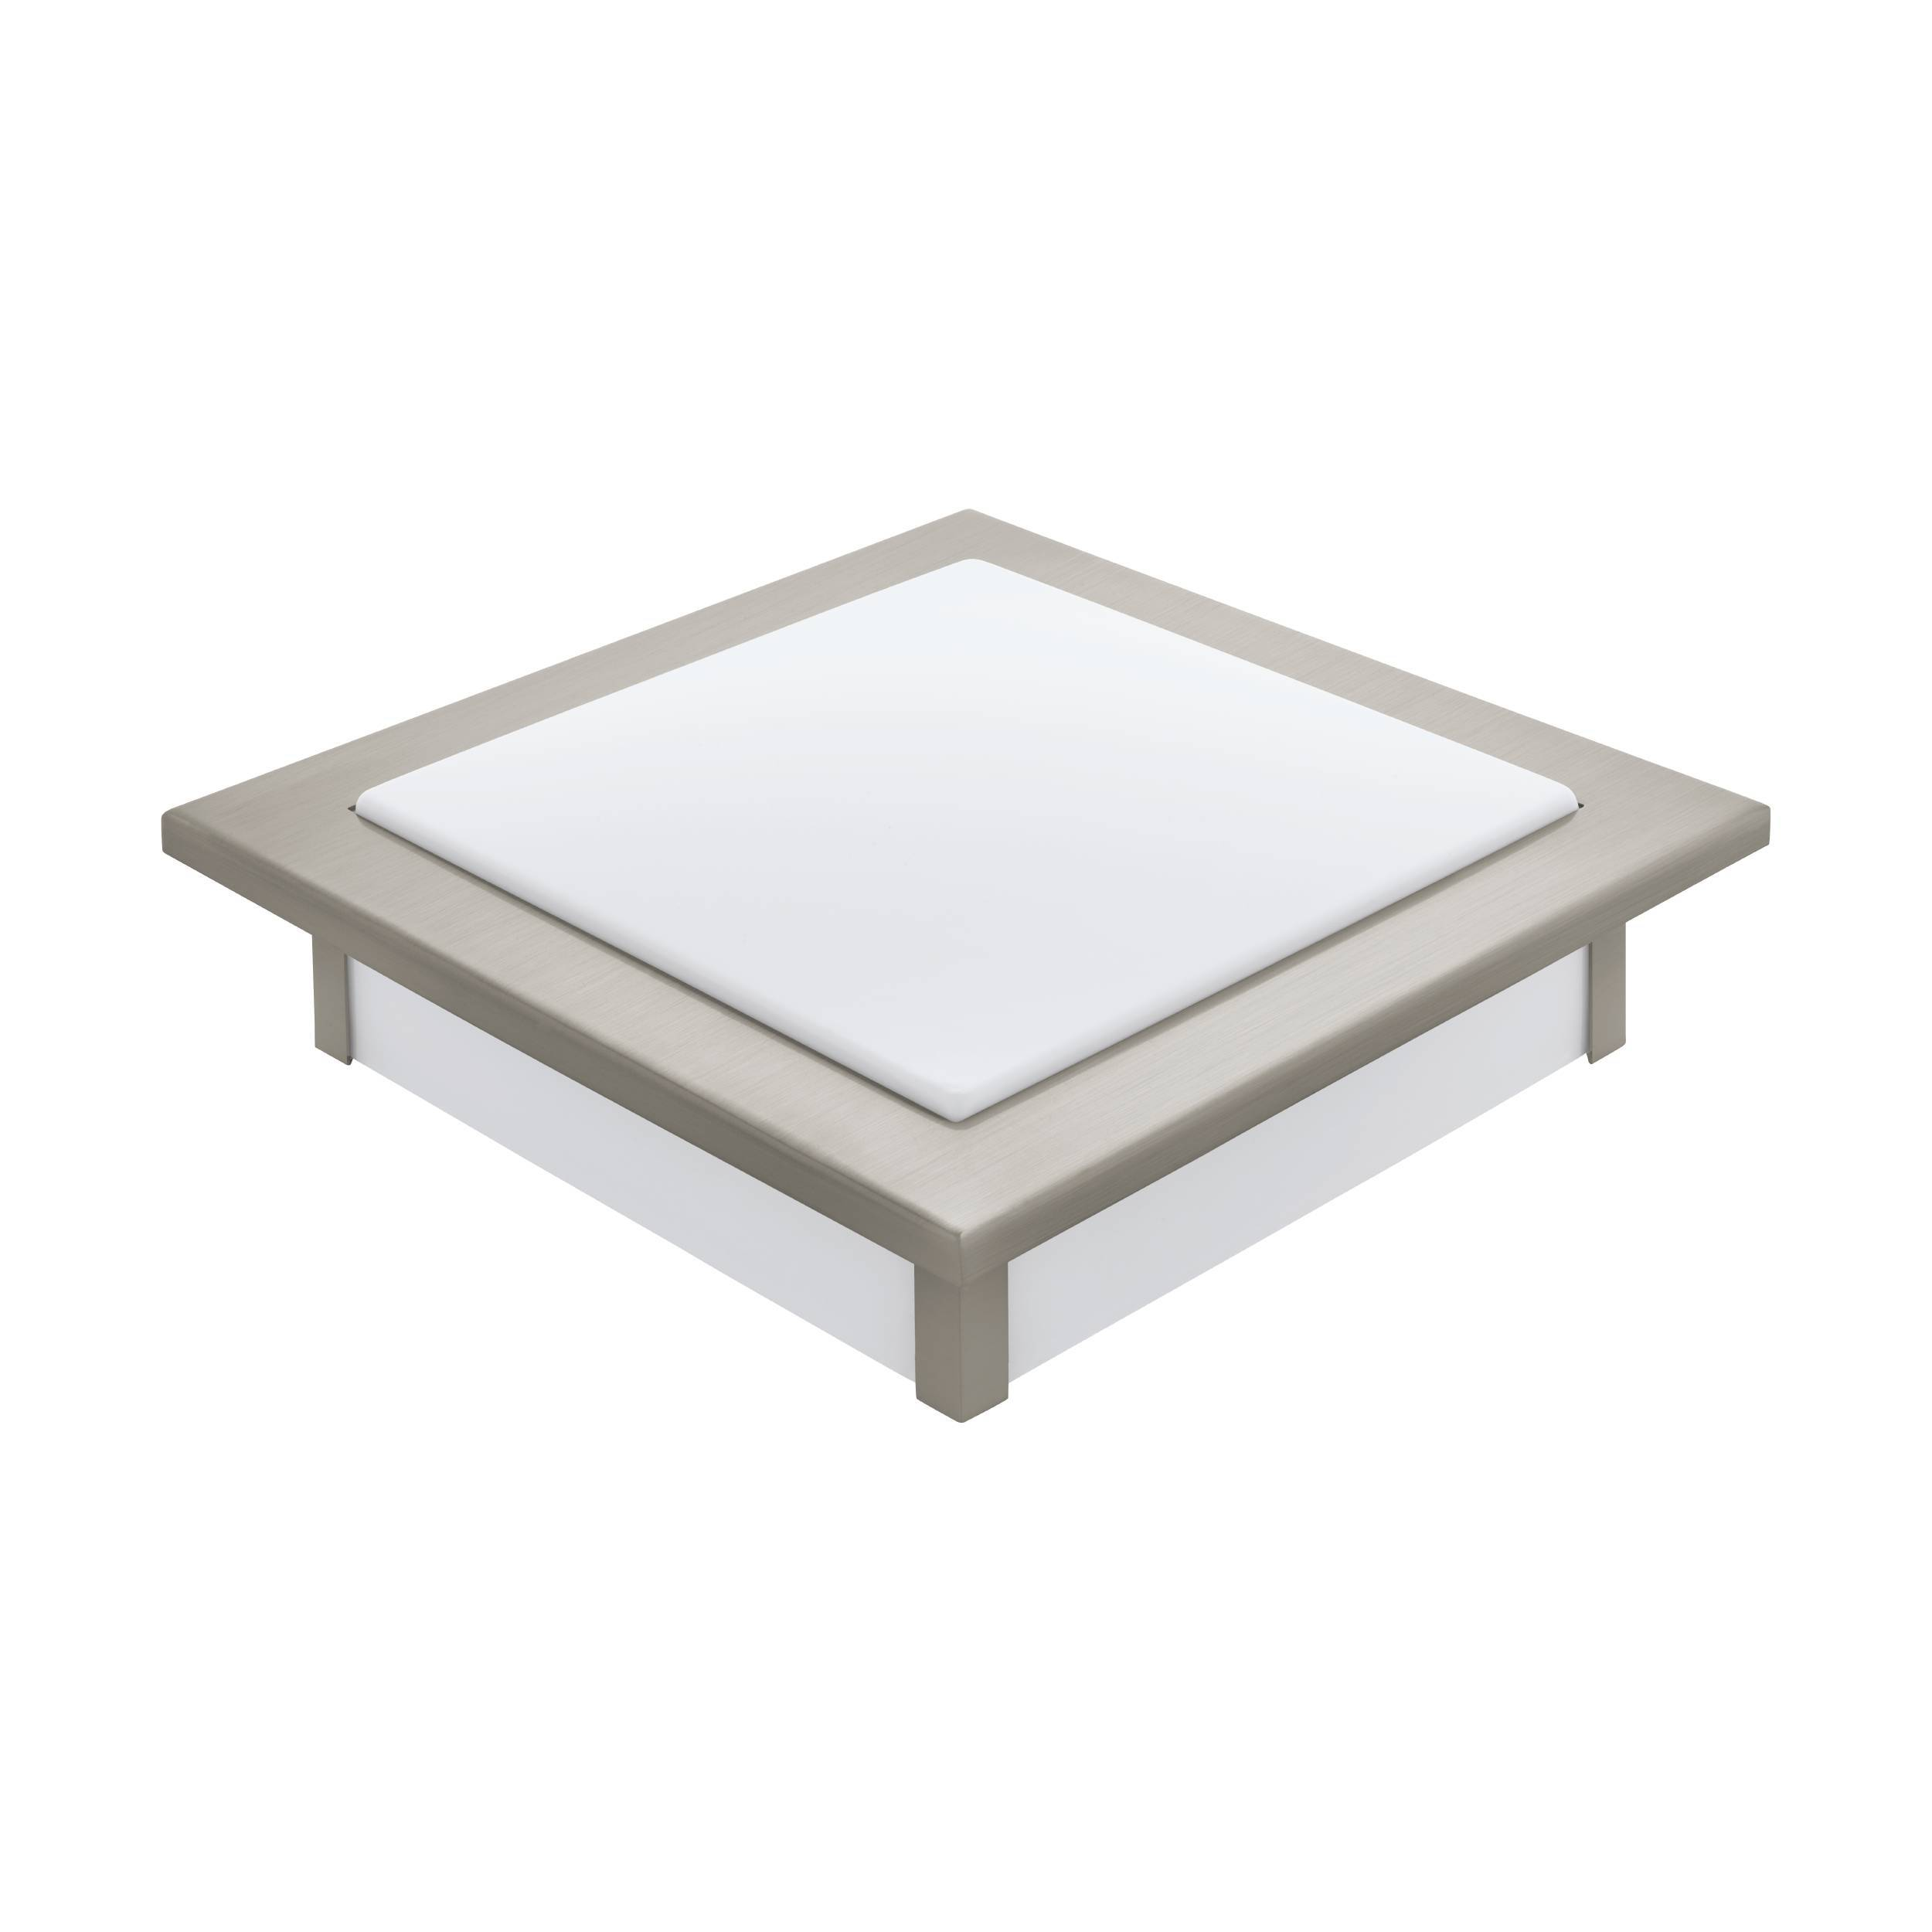 1 Stk Deckenleuchte Auriga Pro 3000K weiß nickelmatt LI32245---